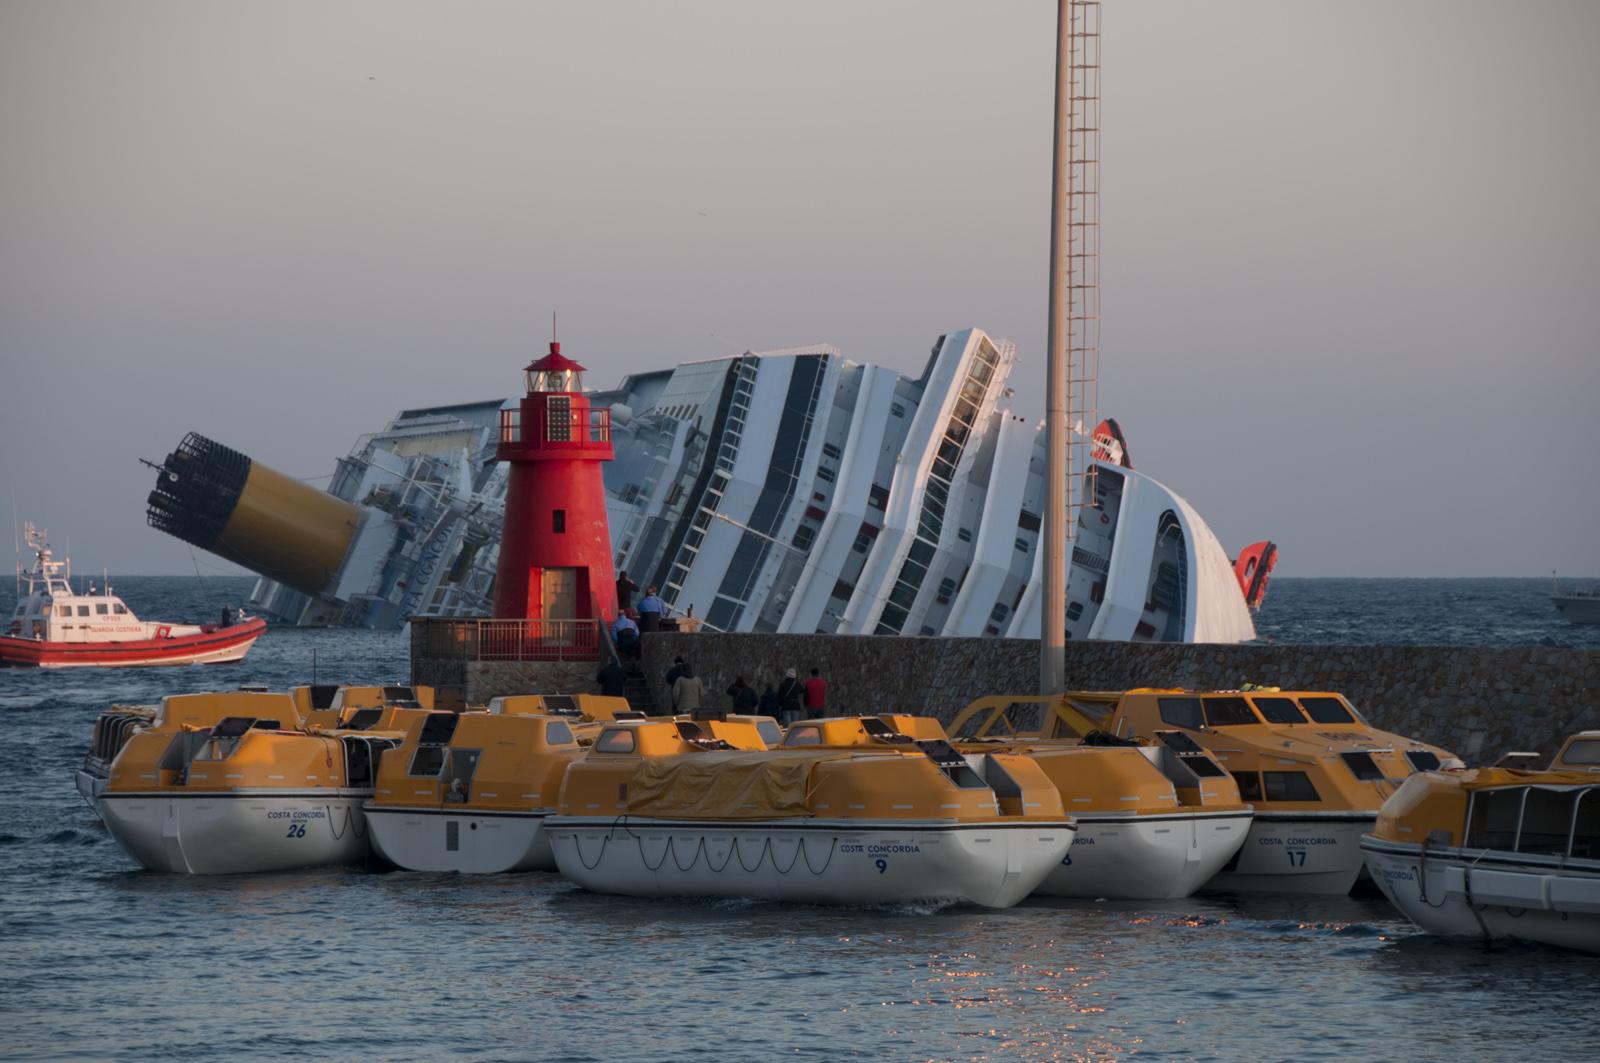 La Costa Concordia semisommersa di fronte all'Isola del Giglio. In primo piano le lance usate per l'abbandono della nave, ormeggiate nel porto.